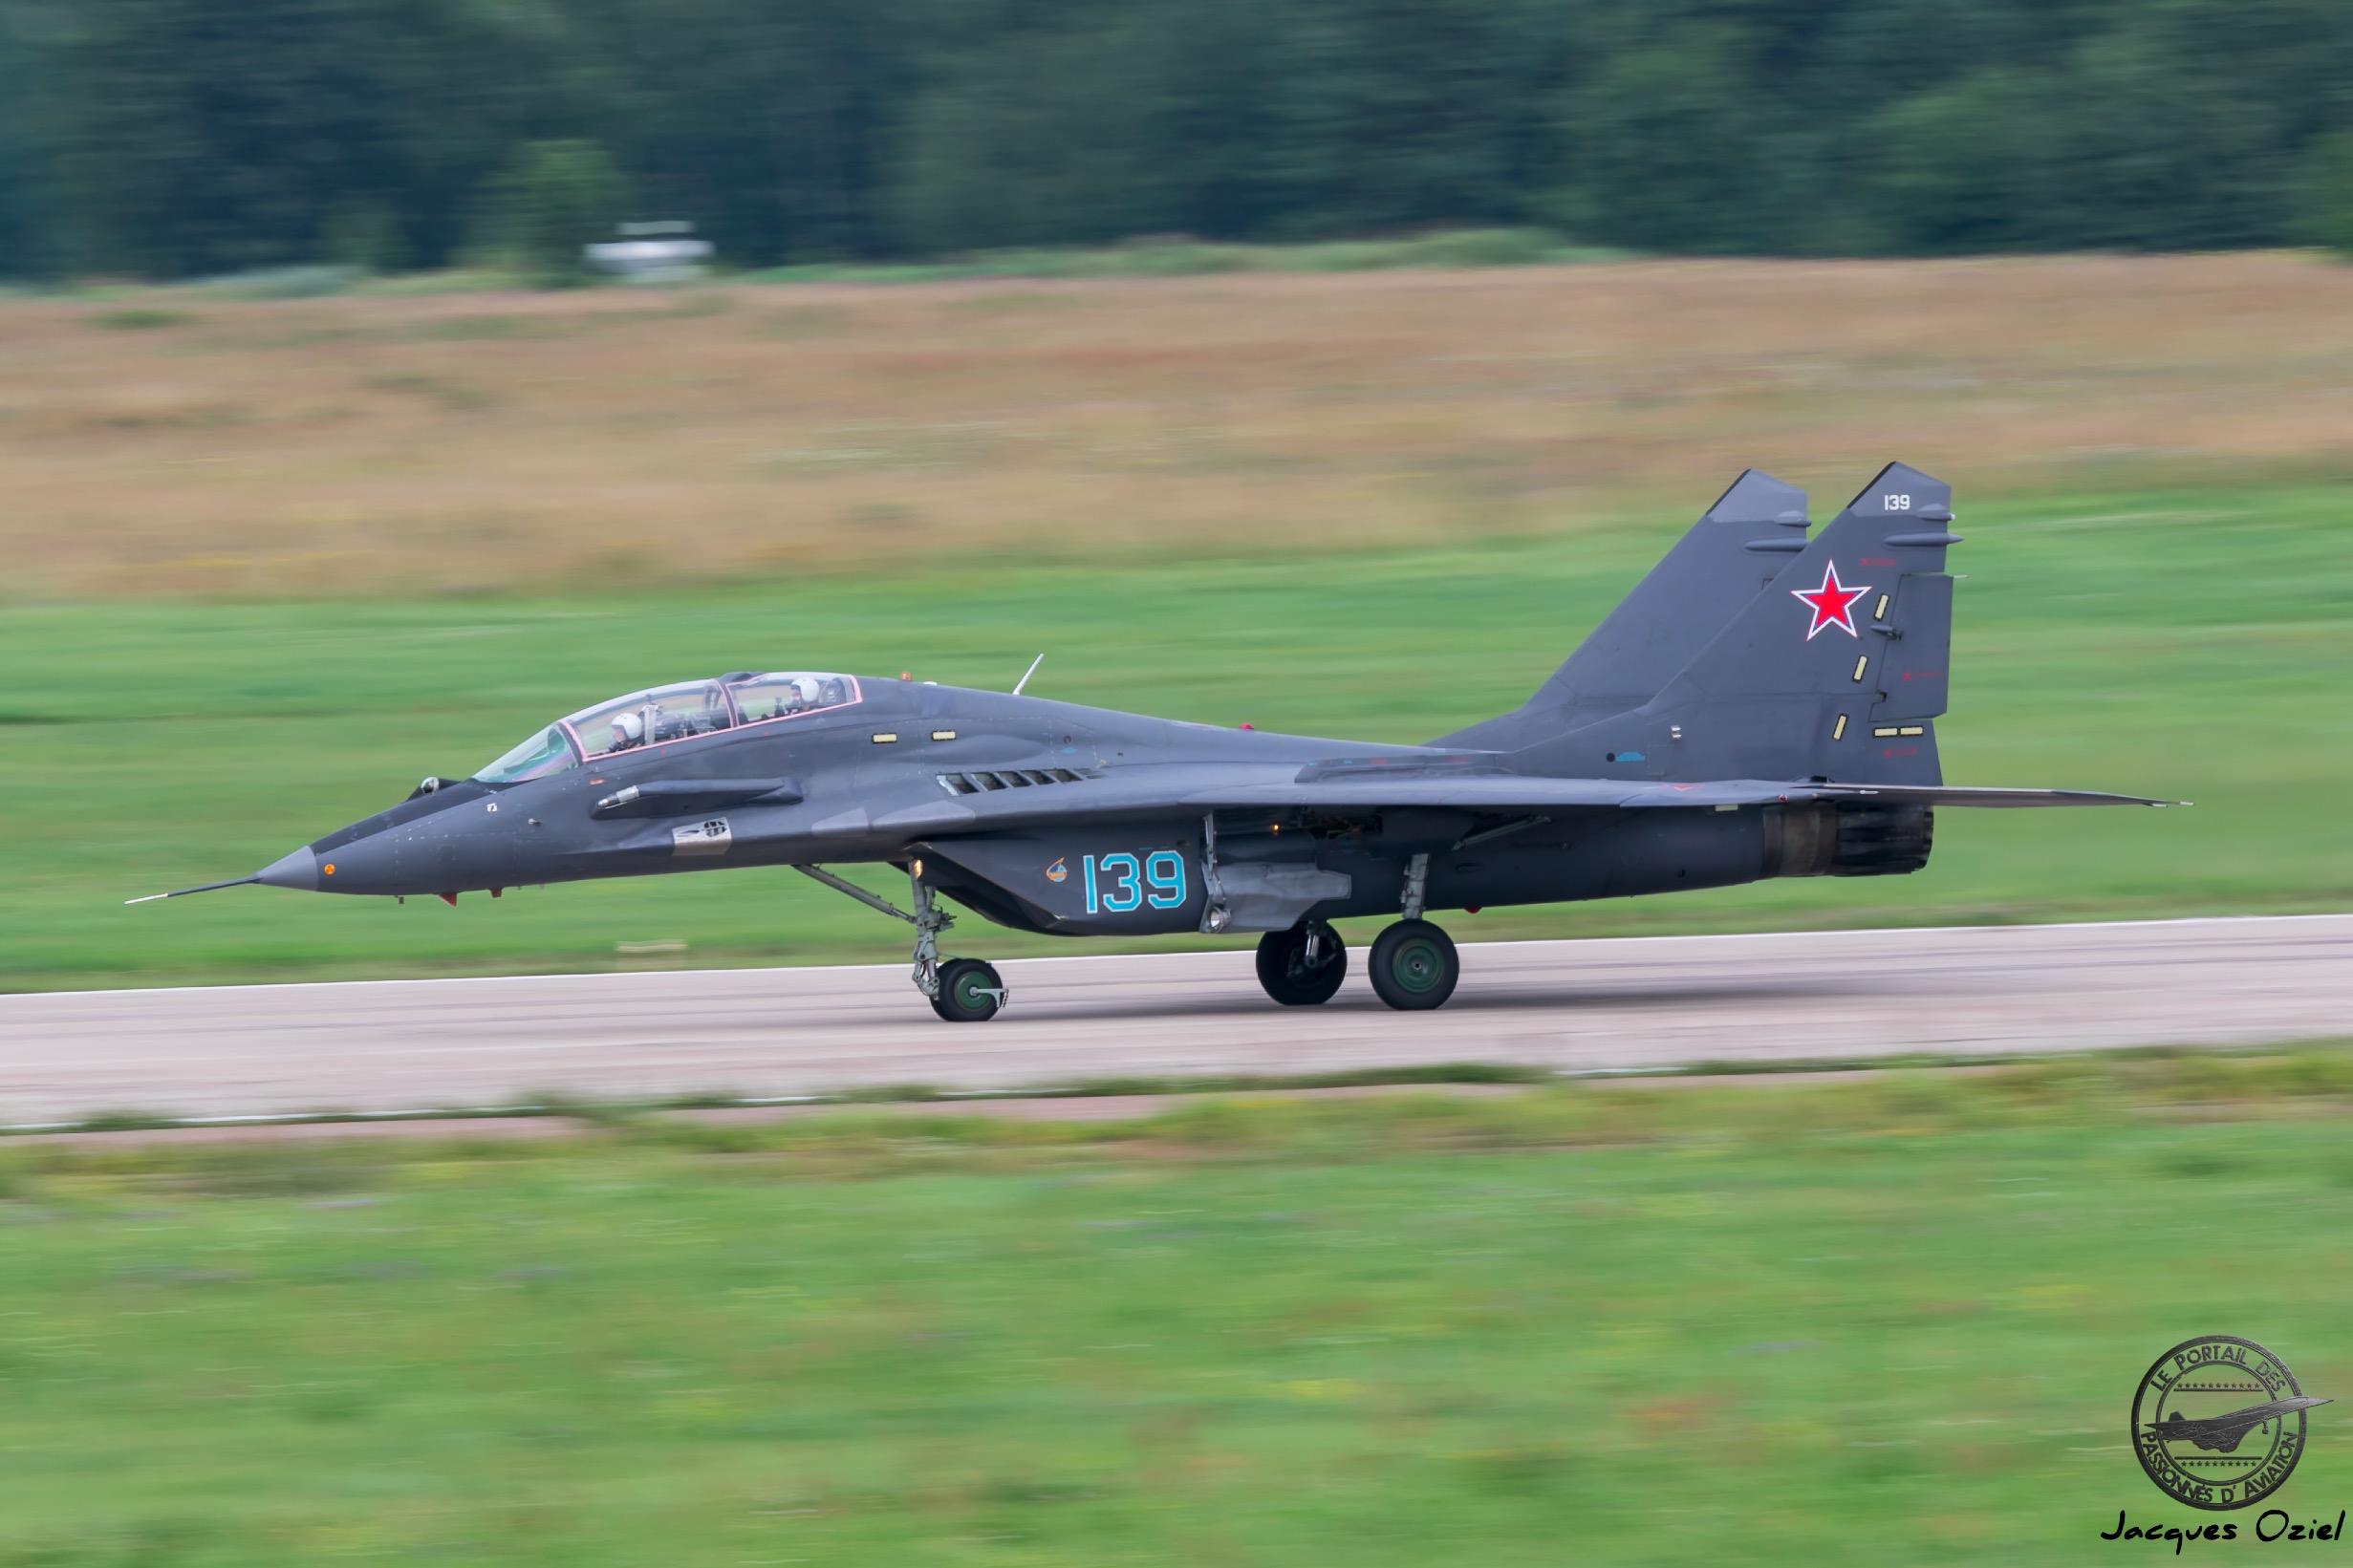 MiG-29UB, 139 Bleu.